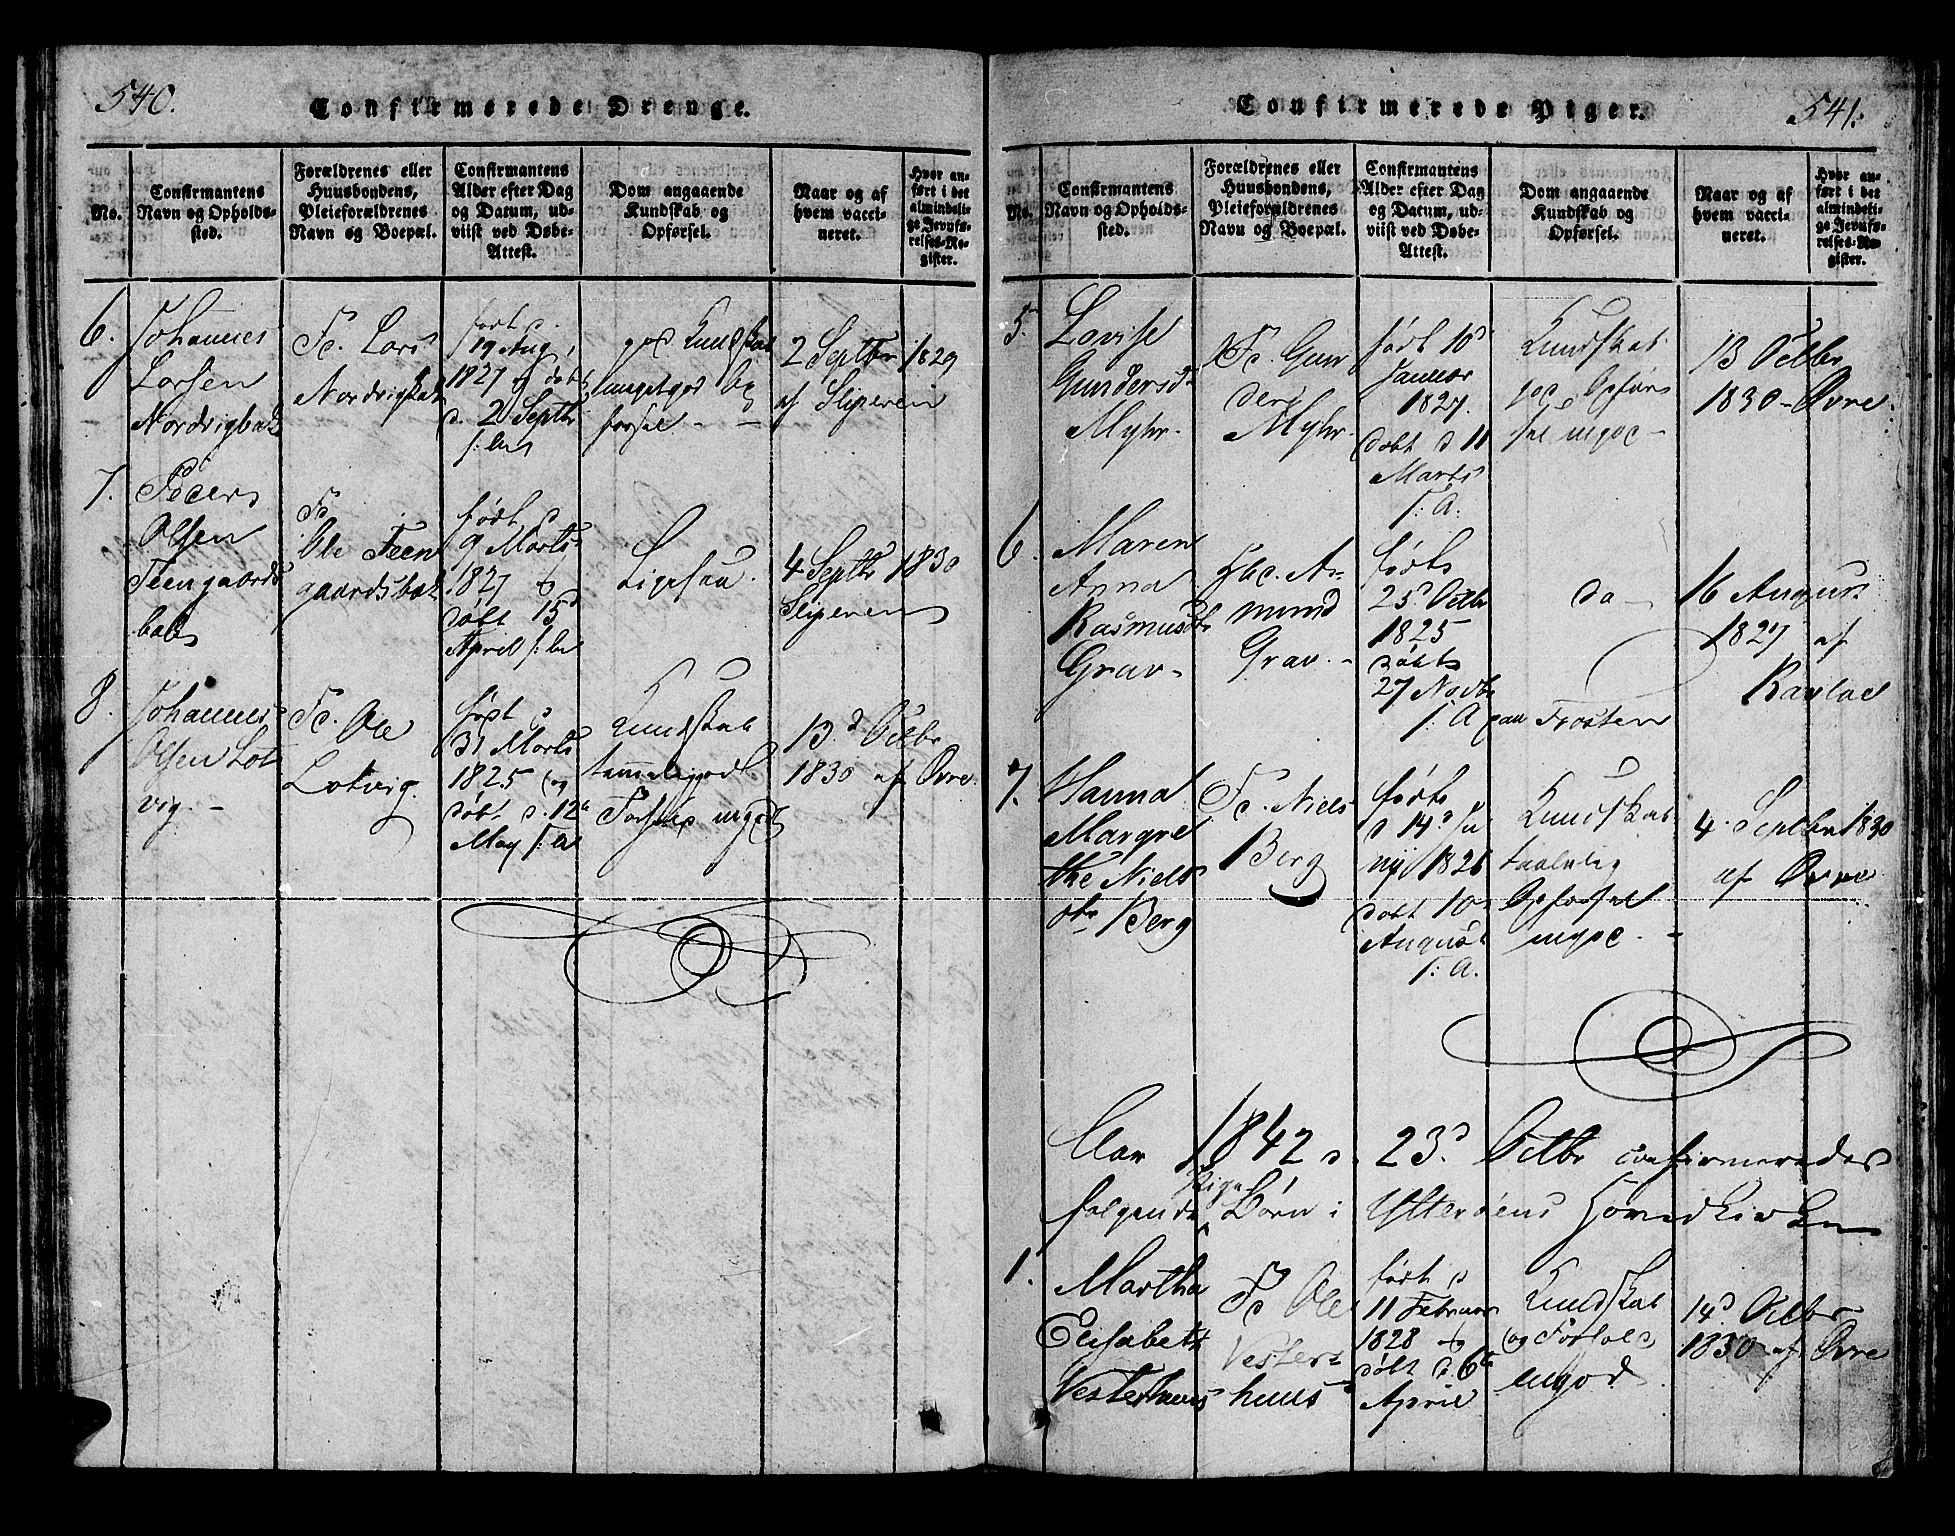 SAT, Ministerialprotokoller, klokkerbøker og fødselsregistre - Nord-Trøndelag, 722/L0217: Ministerialbok nr. 722A04, 1817-1842, s. 540-541